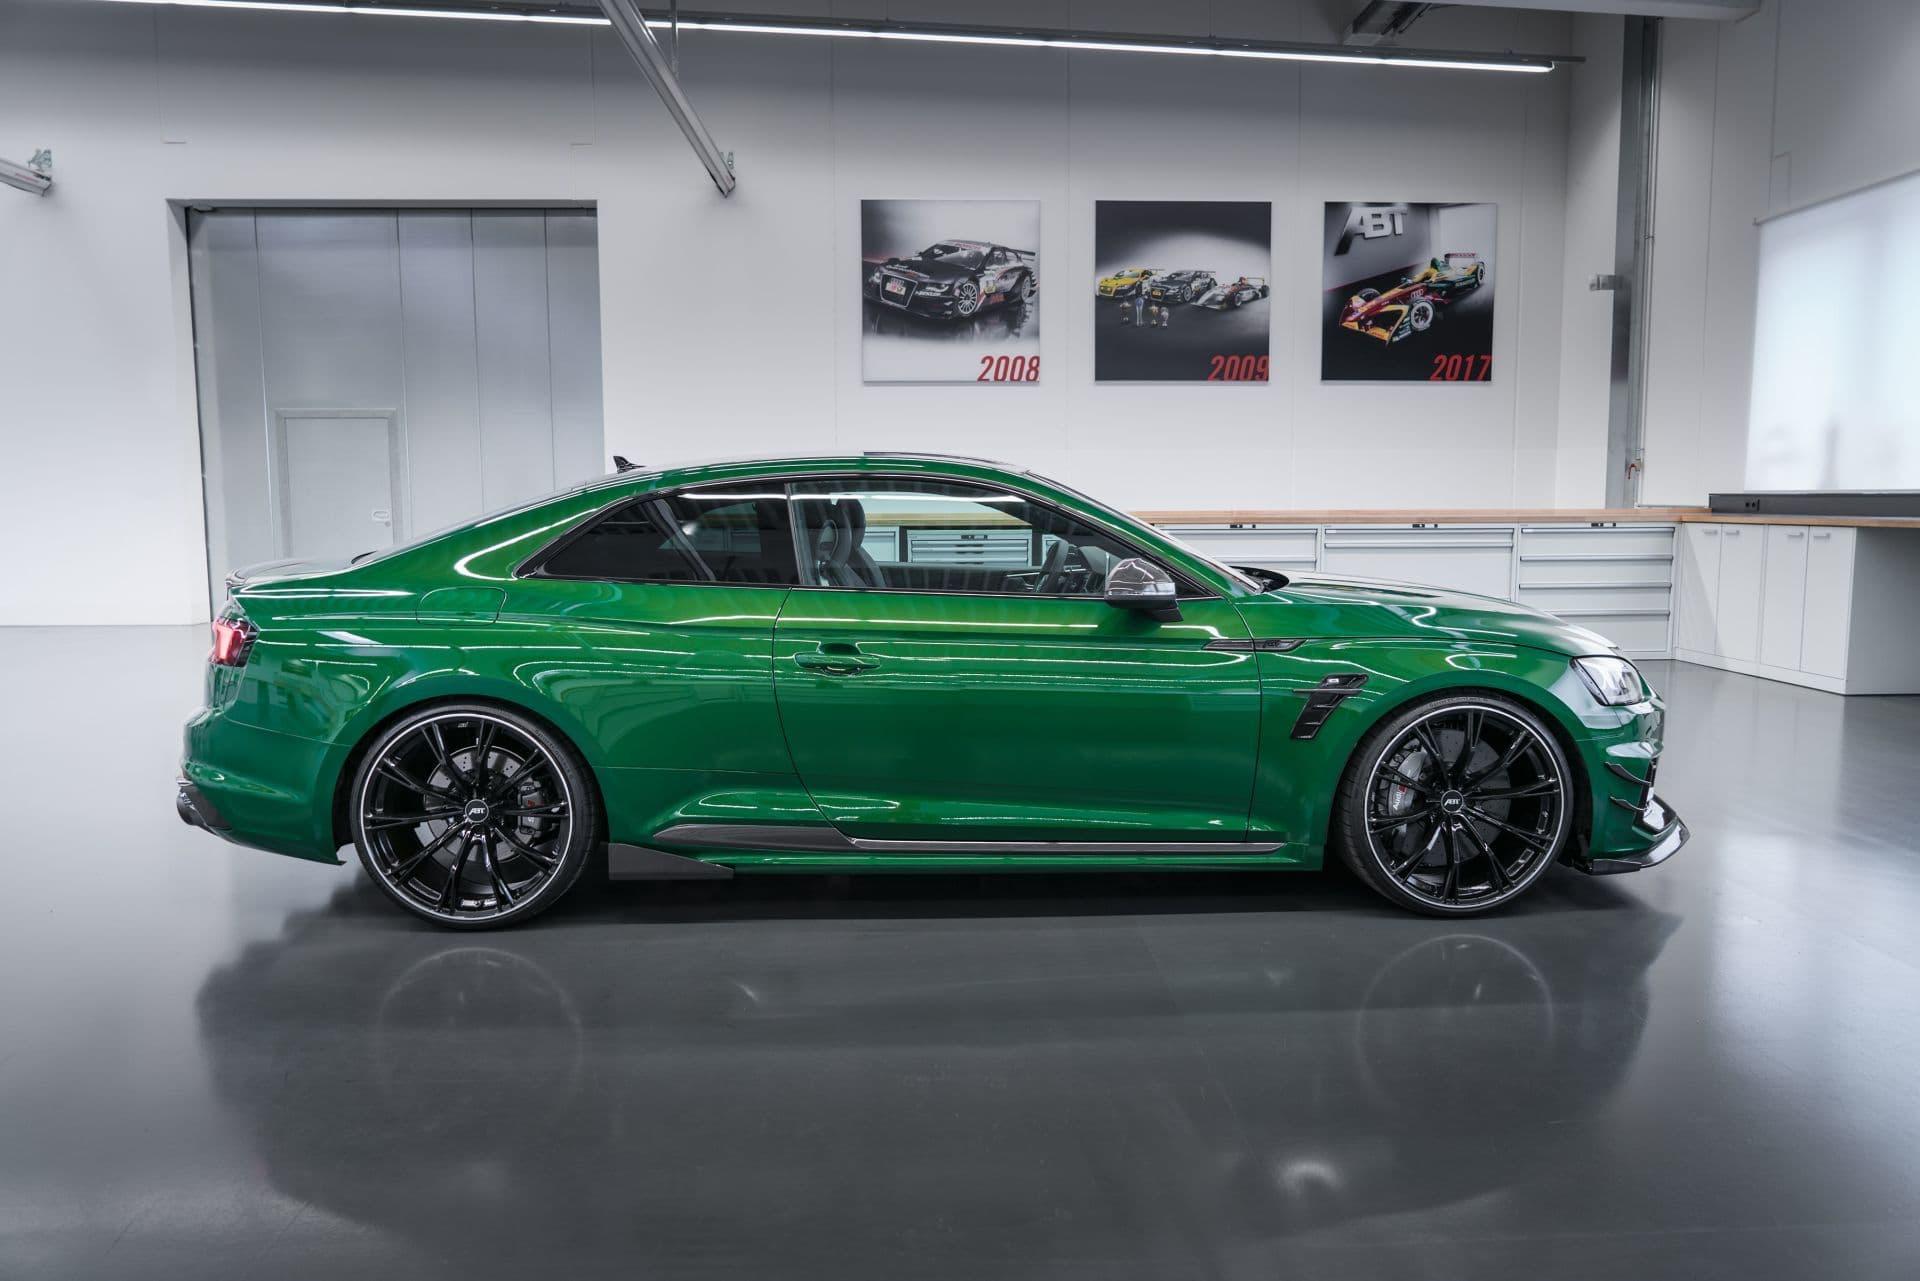 El Abt Rs5 R Es La Dosis Extra Que El Audi Rs5 Necesitaba 530 Cv Y Un Look Mas Agresivo Diariomotor